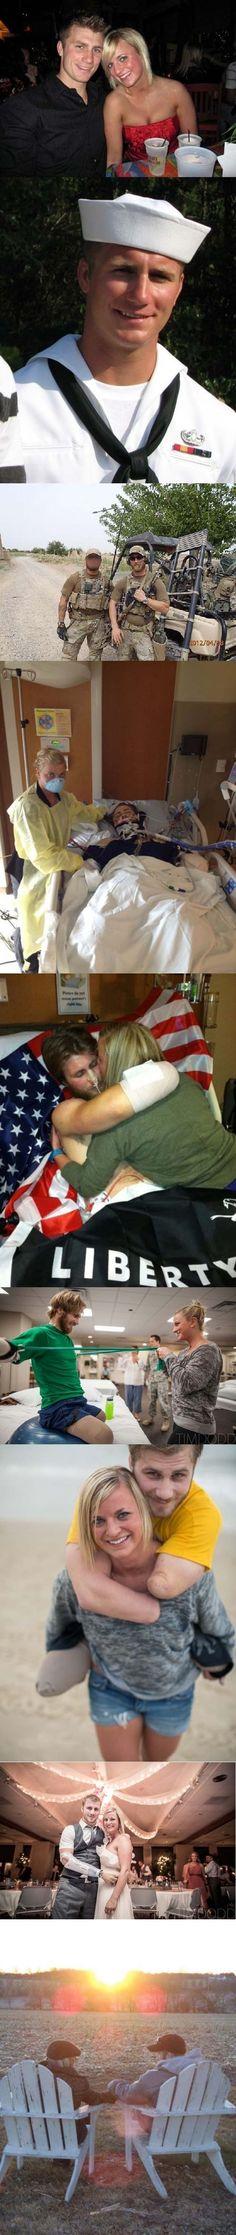 Quando Taylor e Danielle Morris nos mostraram que o amor verdadeiro supera todas as dificuldades.  Leia mais: http://www.tudointeressante.com.br/2013/12/24-fotos-tocantes-que-vao-te-agarrar-pelo-coracao.html#ixzz39CMt3QlF